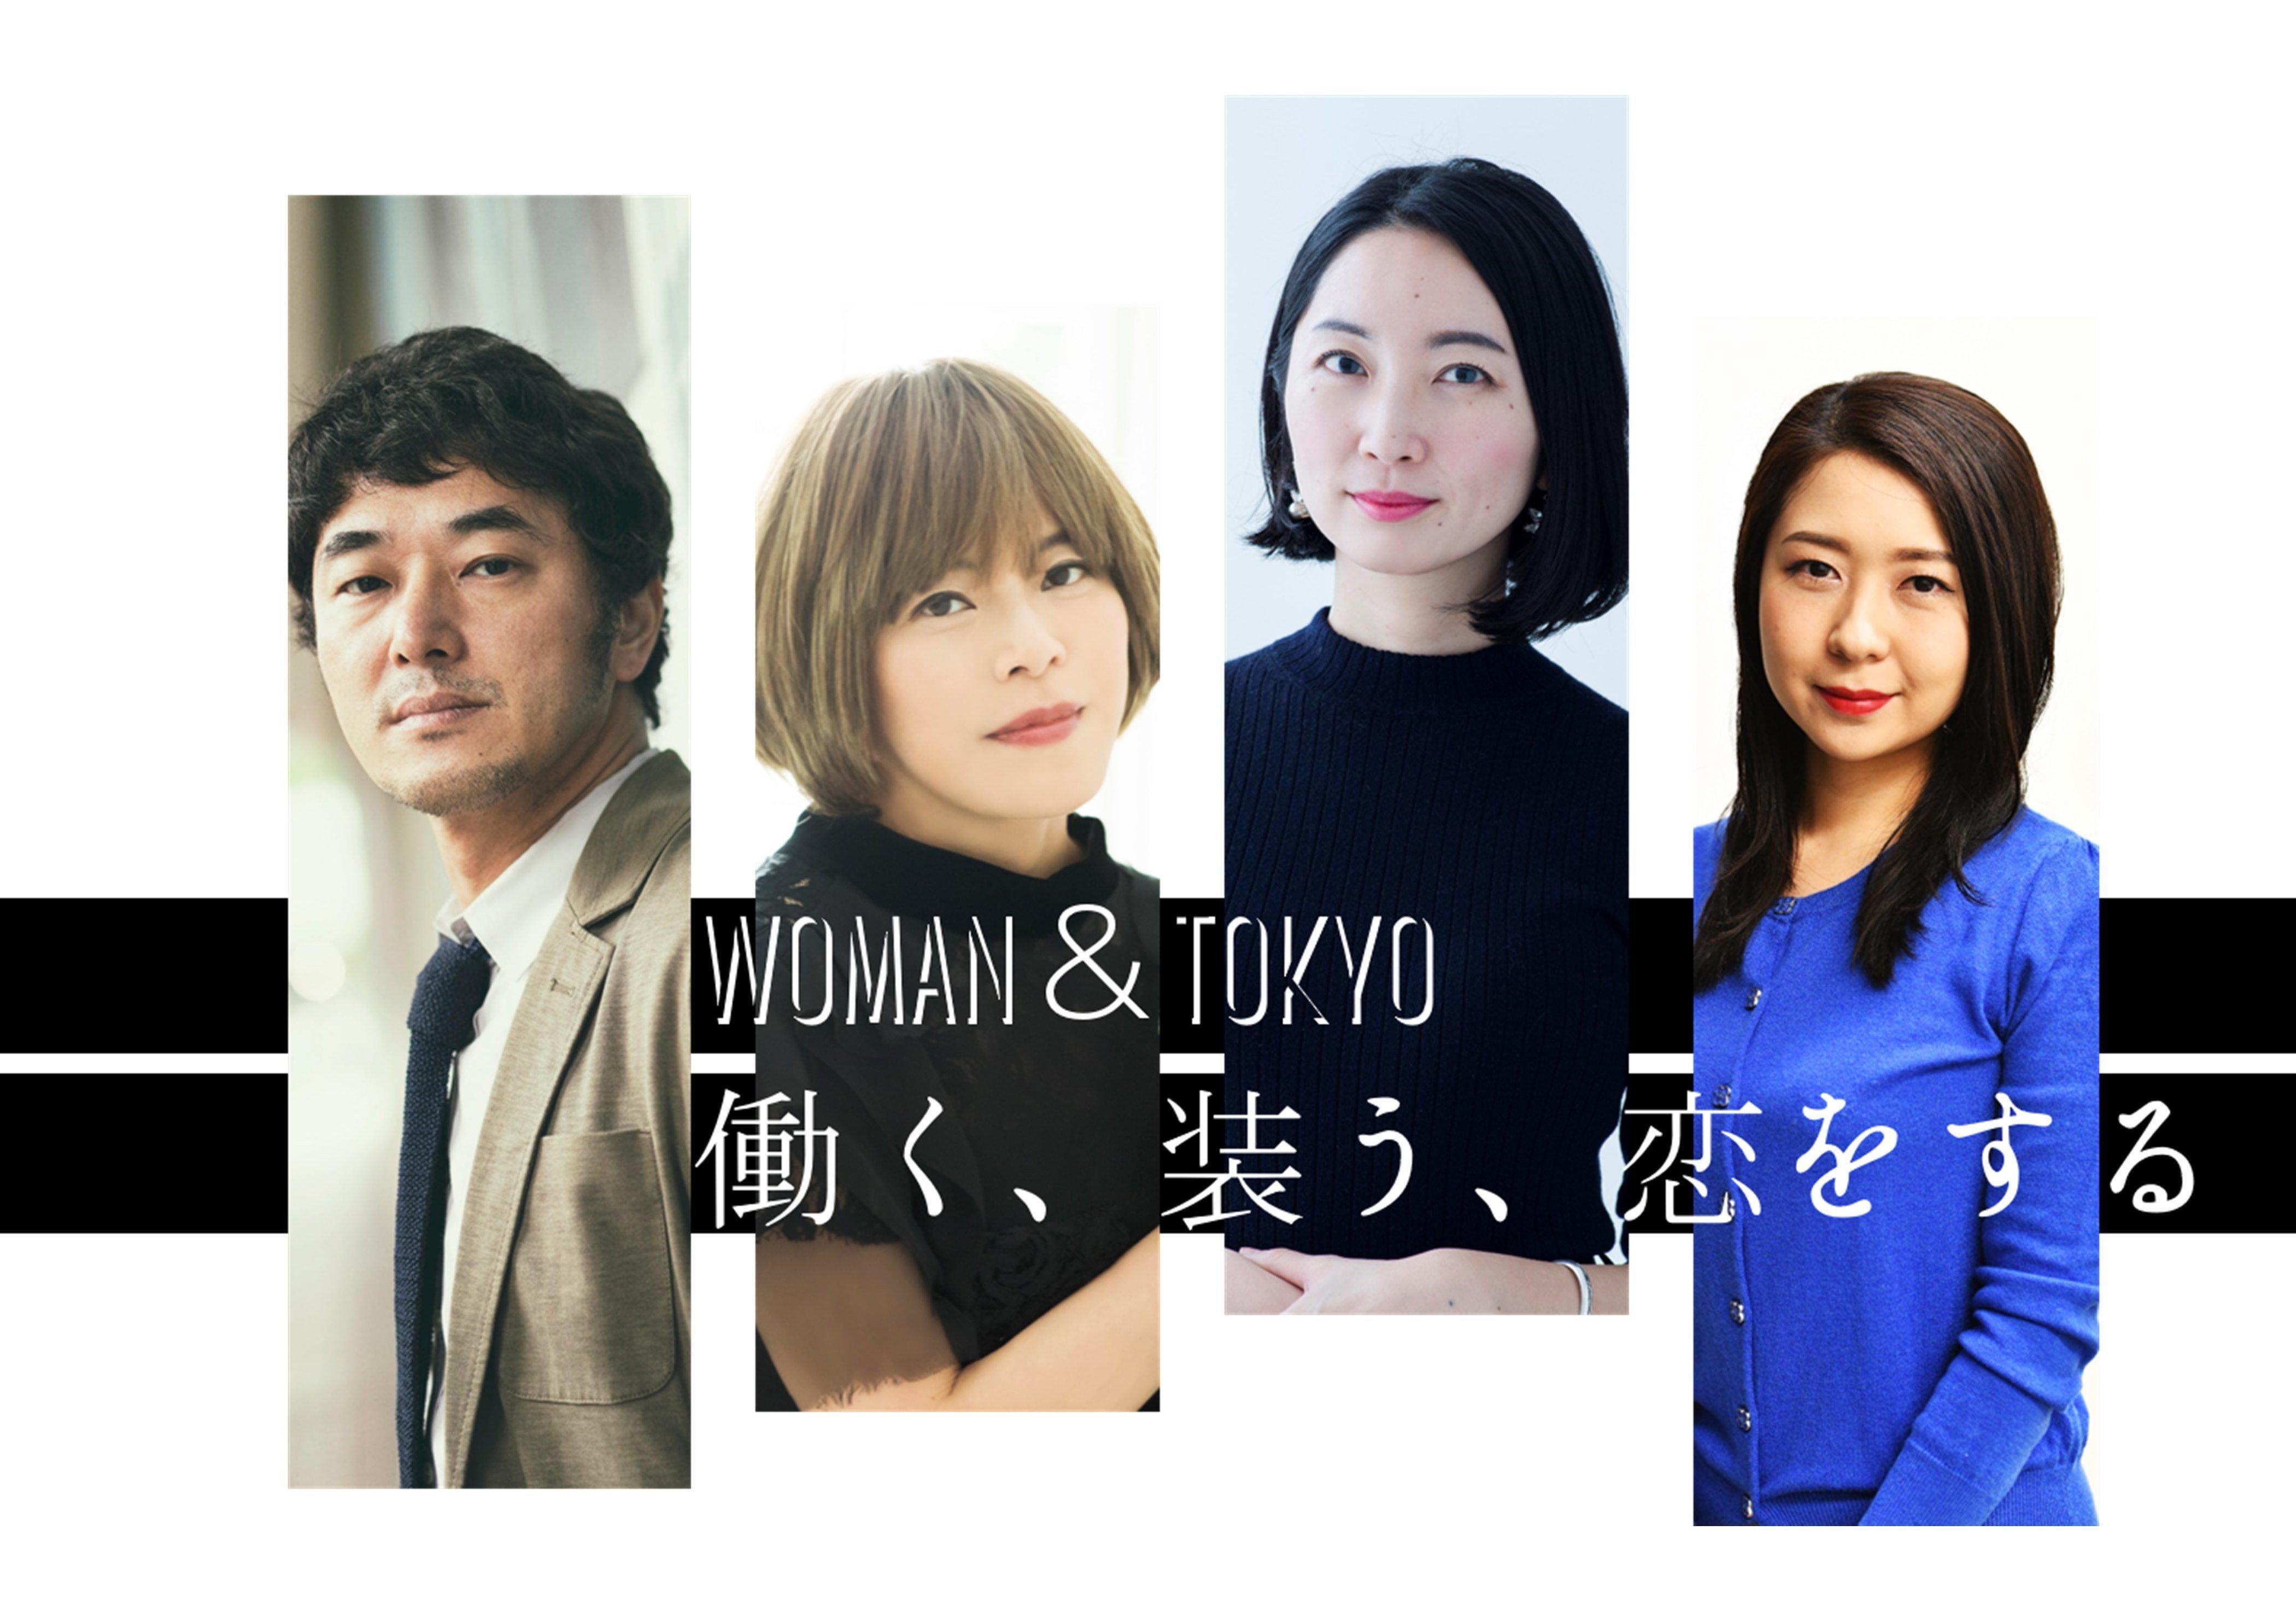 """東京で生きる女性の""""仕事とファッションと恋""""を、150年の歴史とともに振り返る【シンポジウム開催】#国際女性デー"""